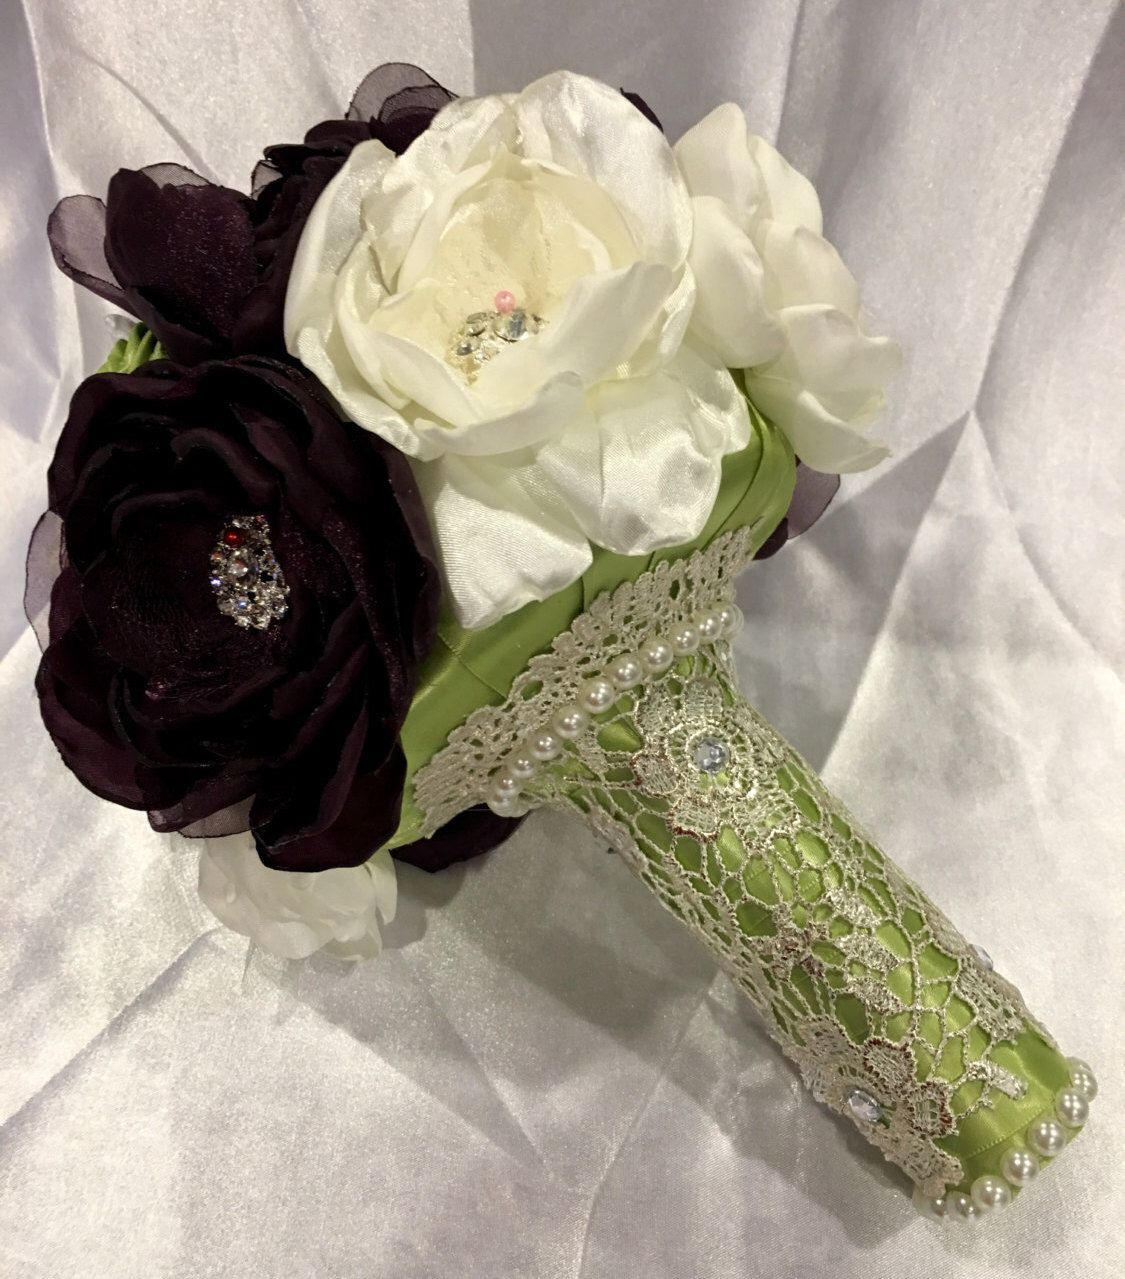 Wedding bouquet bridal bouquet bridesmaid bouquet fabric flowers ...